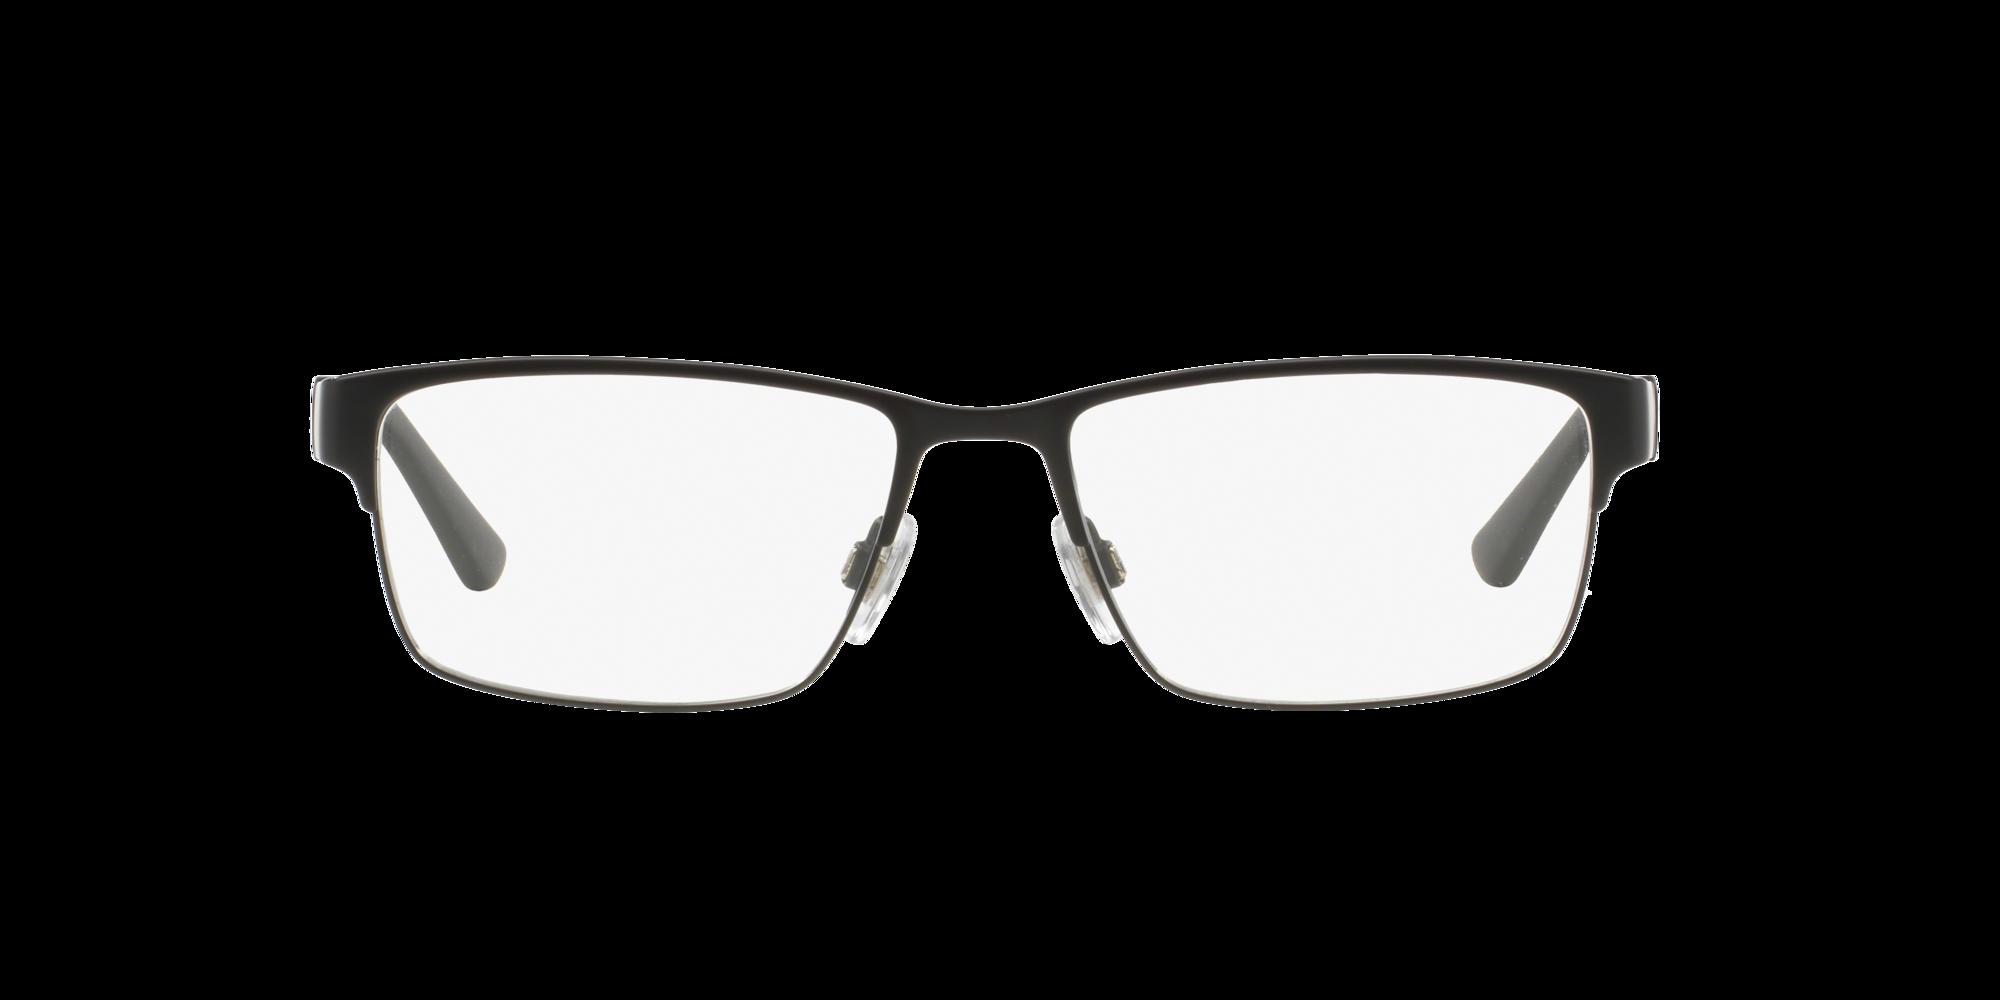 Imagen para PH1147 de LensCrafters |  Espejuelos, espejuelos graduados en línea, gafas